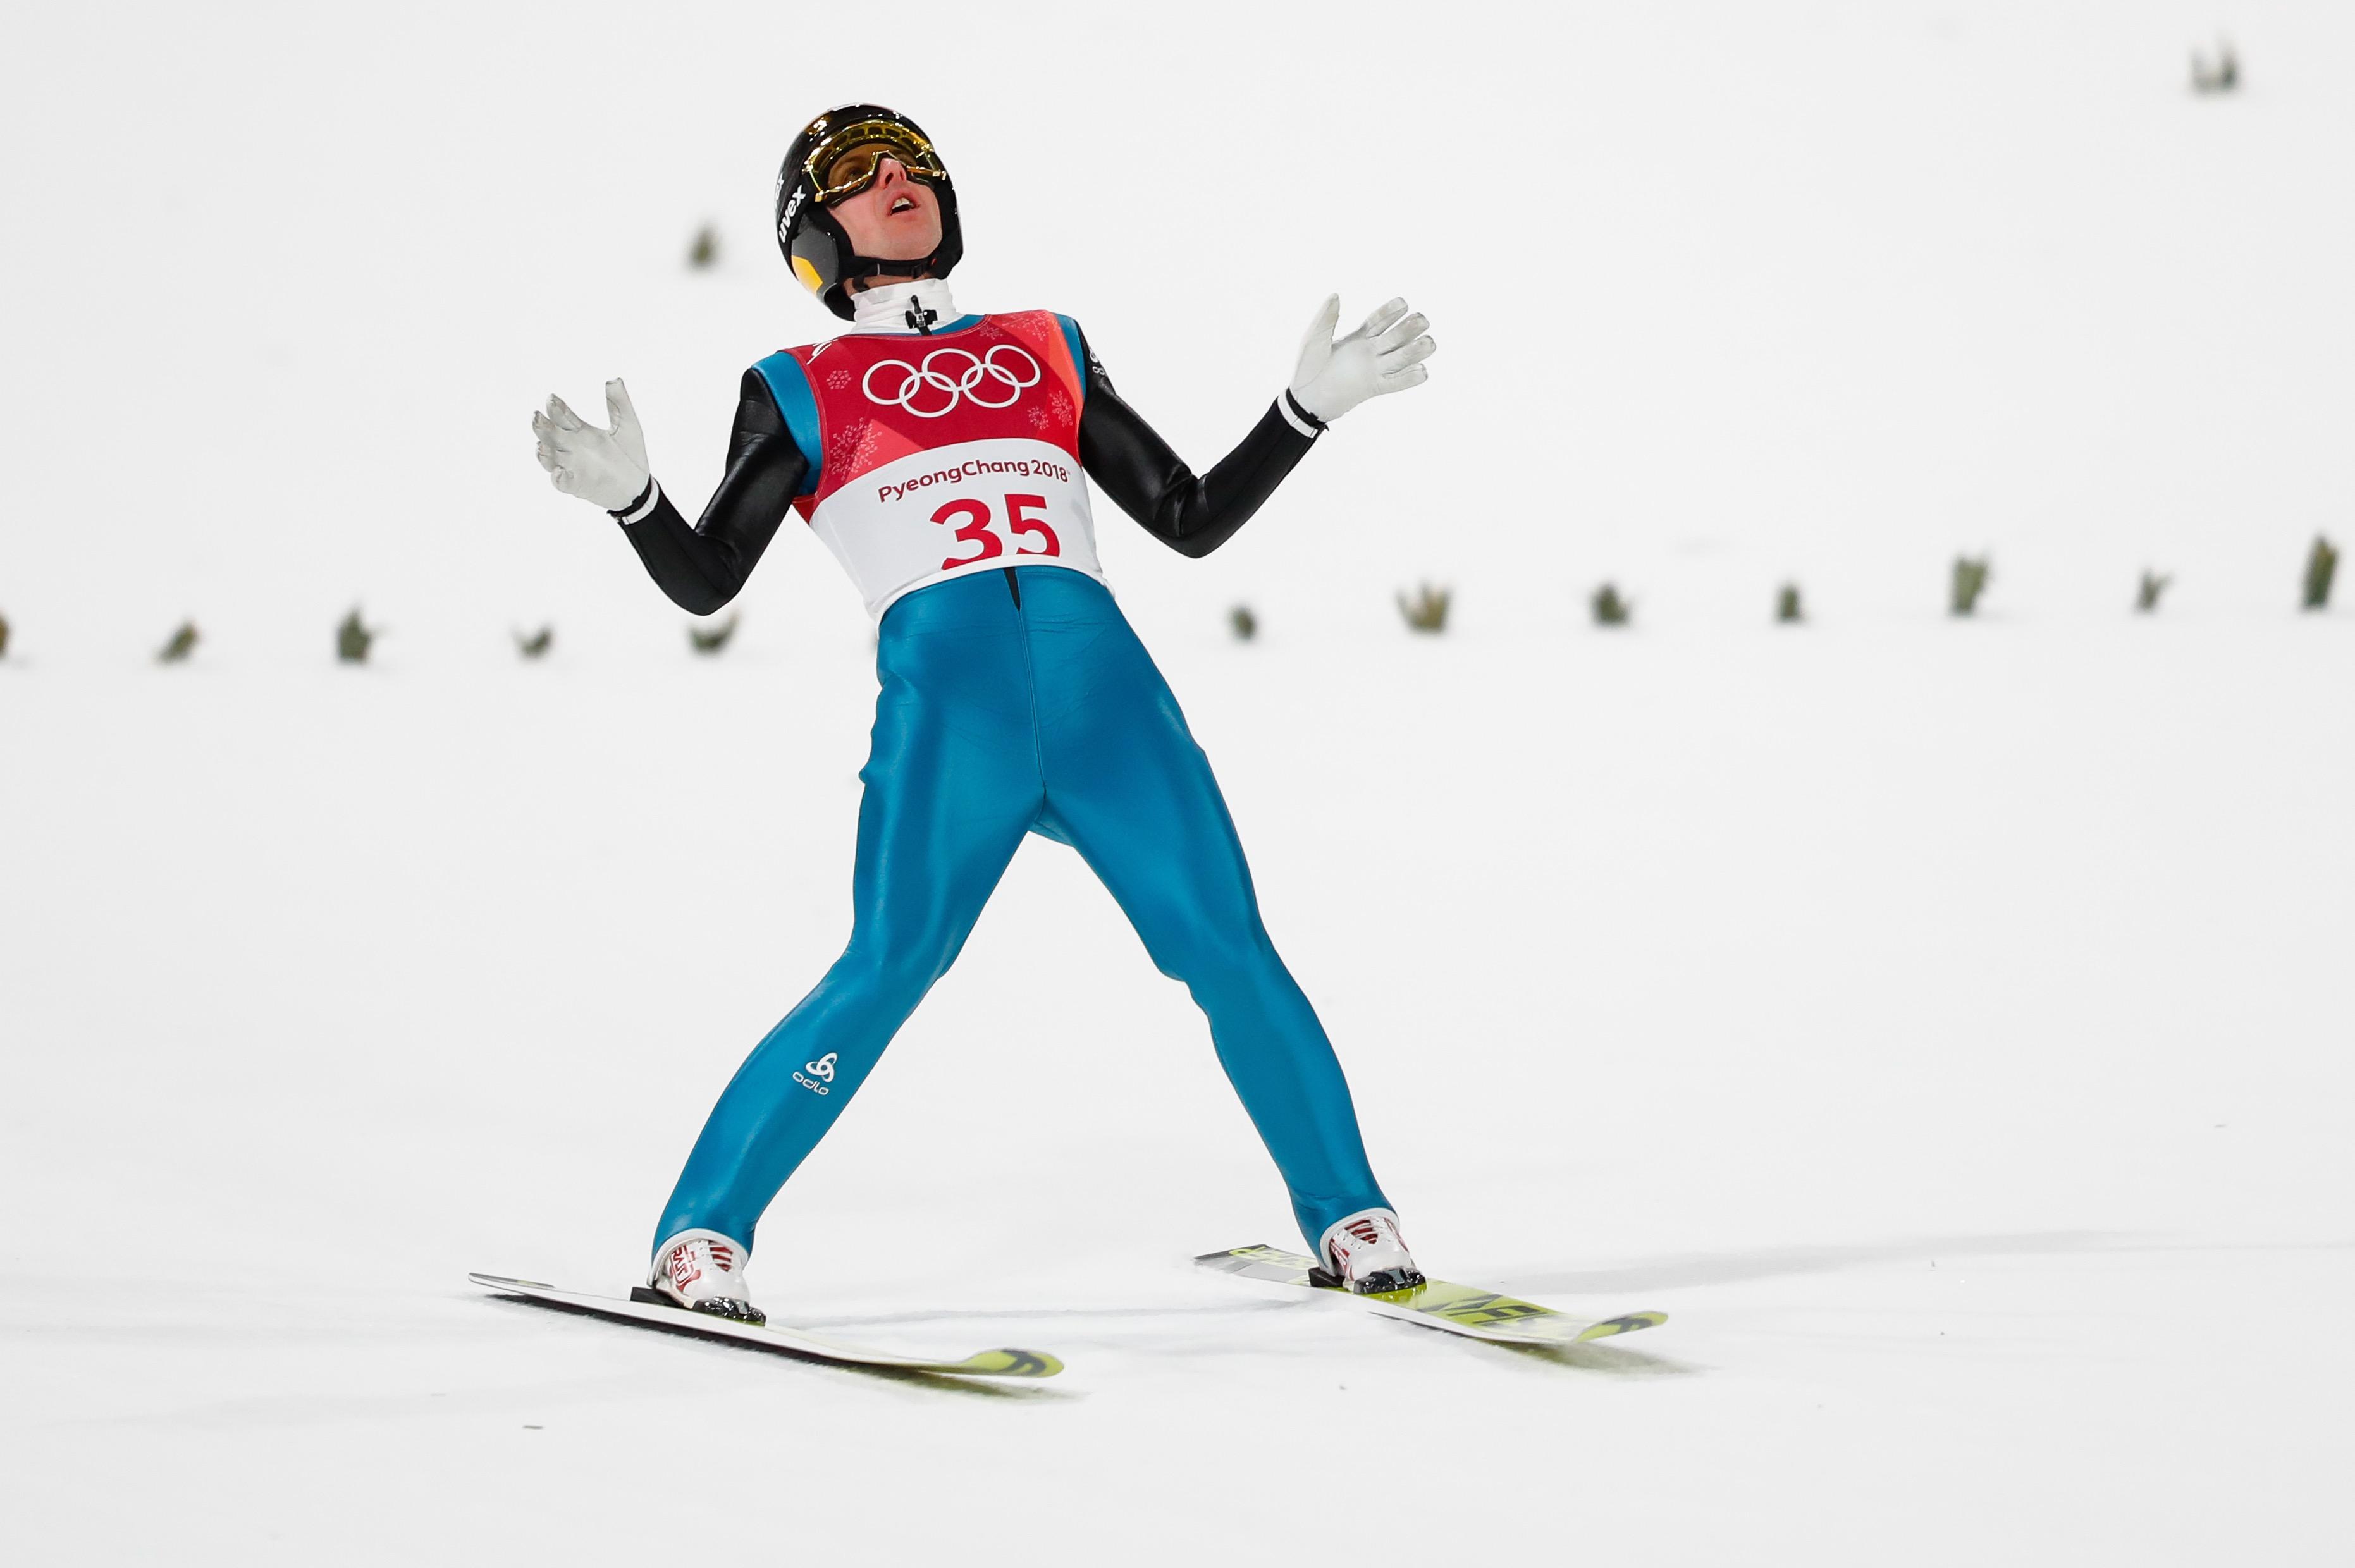 Simon Ammann n'a pas réussi le saut parfait dans des conditions difficiles.